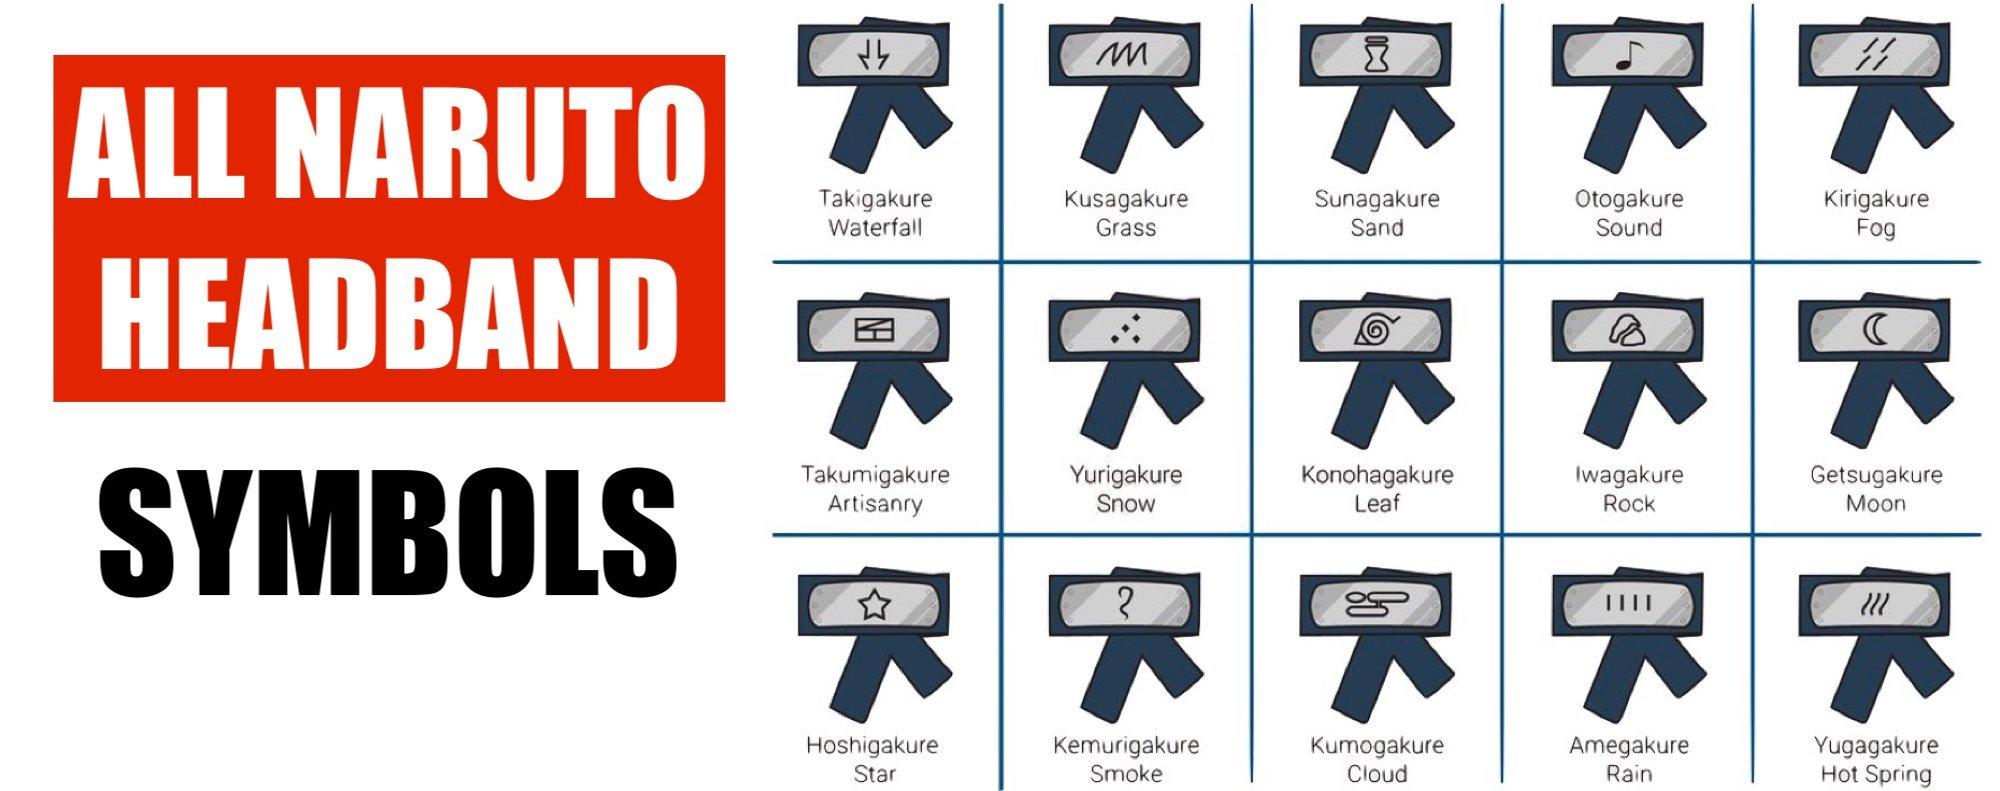 All Naruto headband symbols